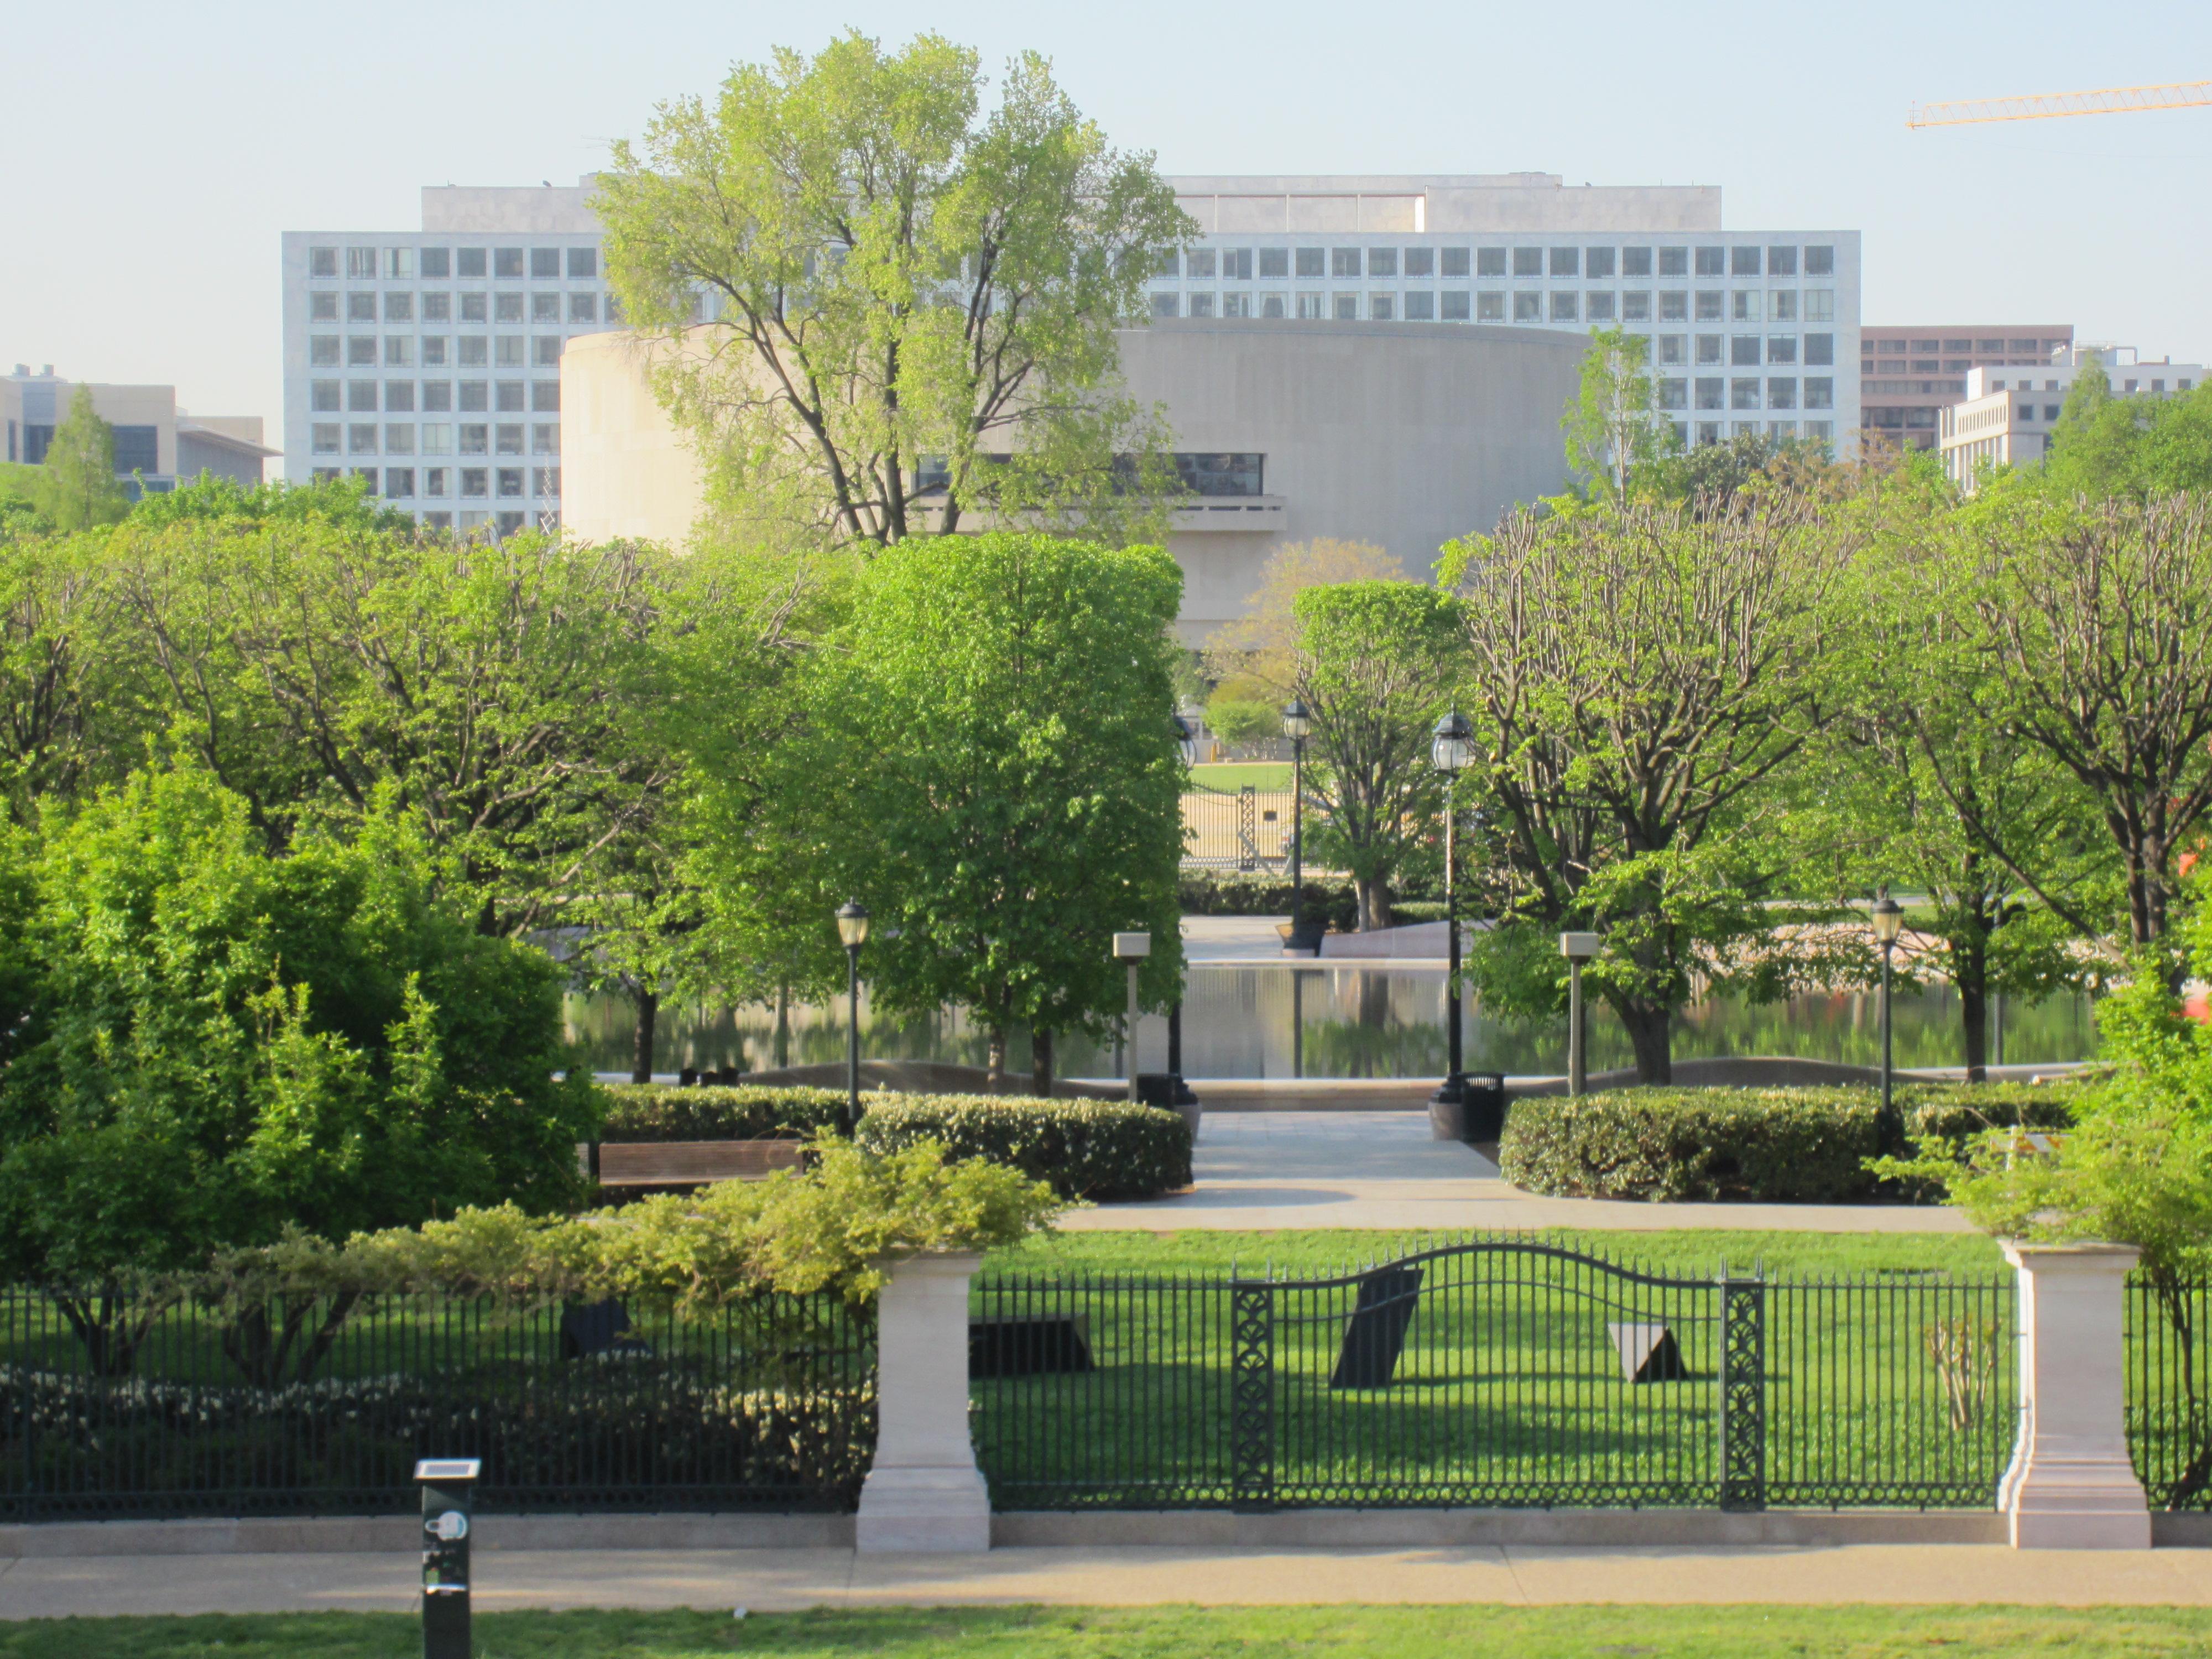 National Gallery of Art Sculpture Garden and Hirshhorn % JPG